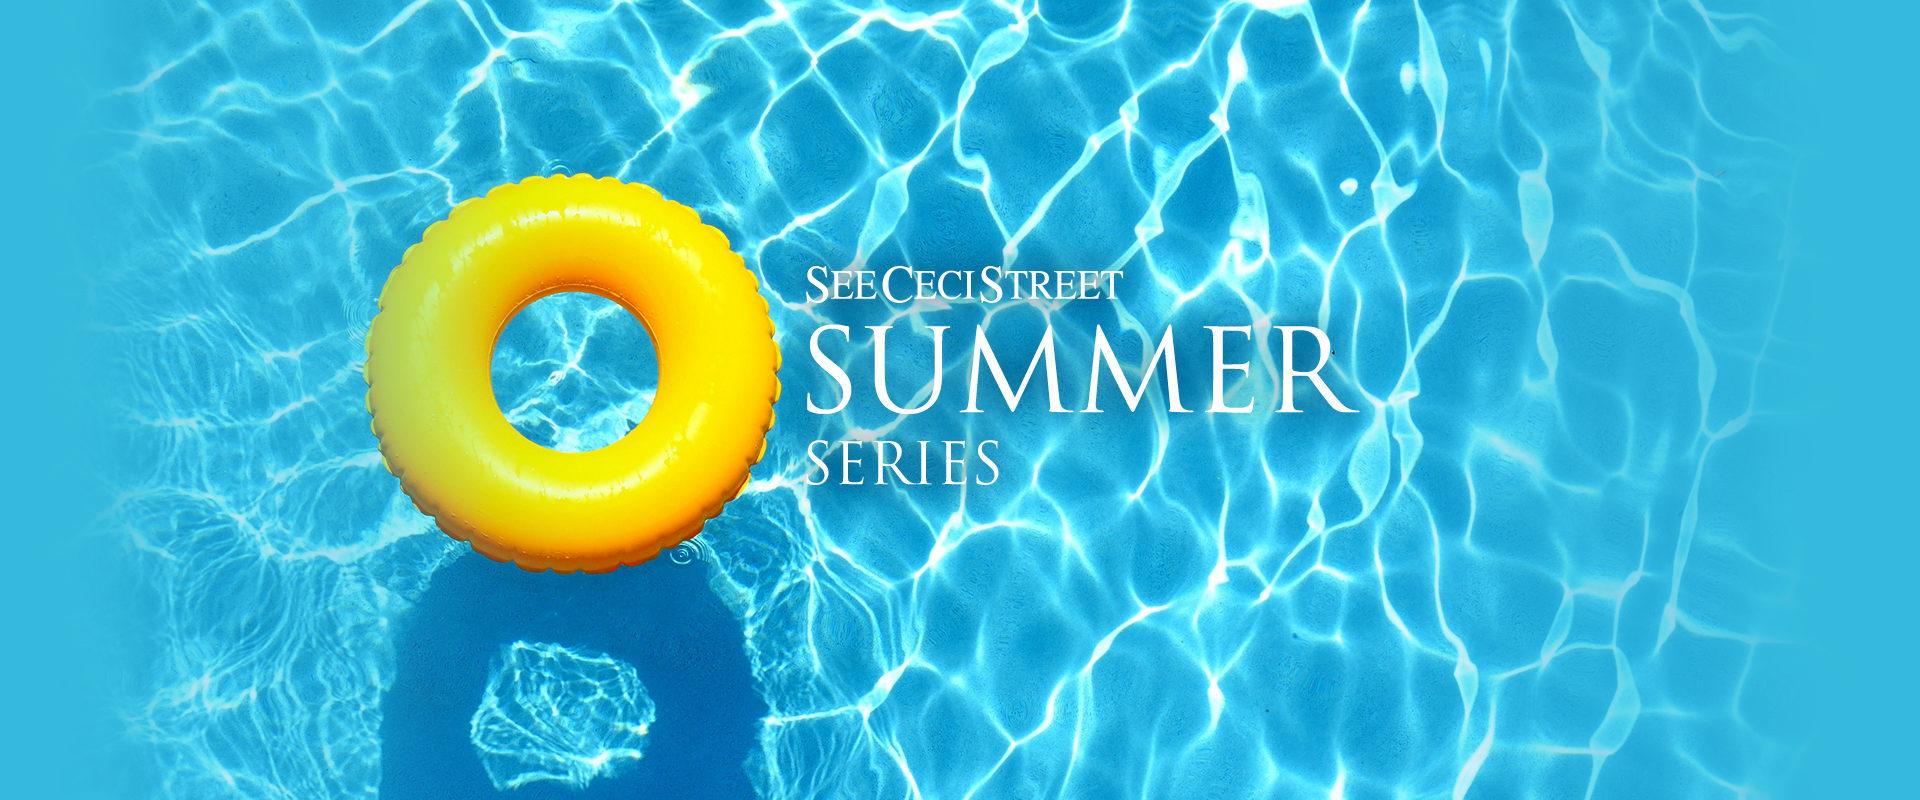 scs-main-banner-summer-1000-v2